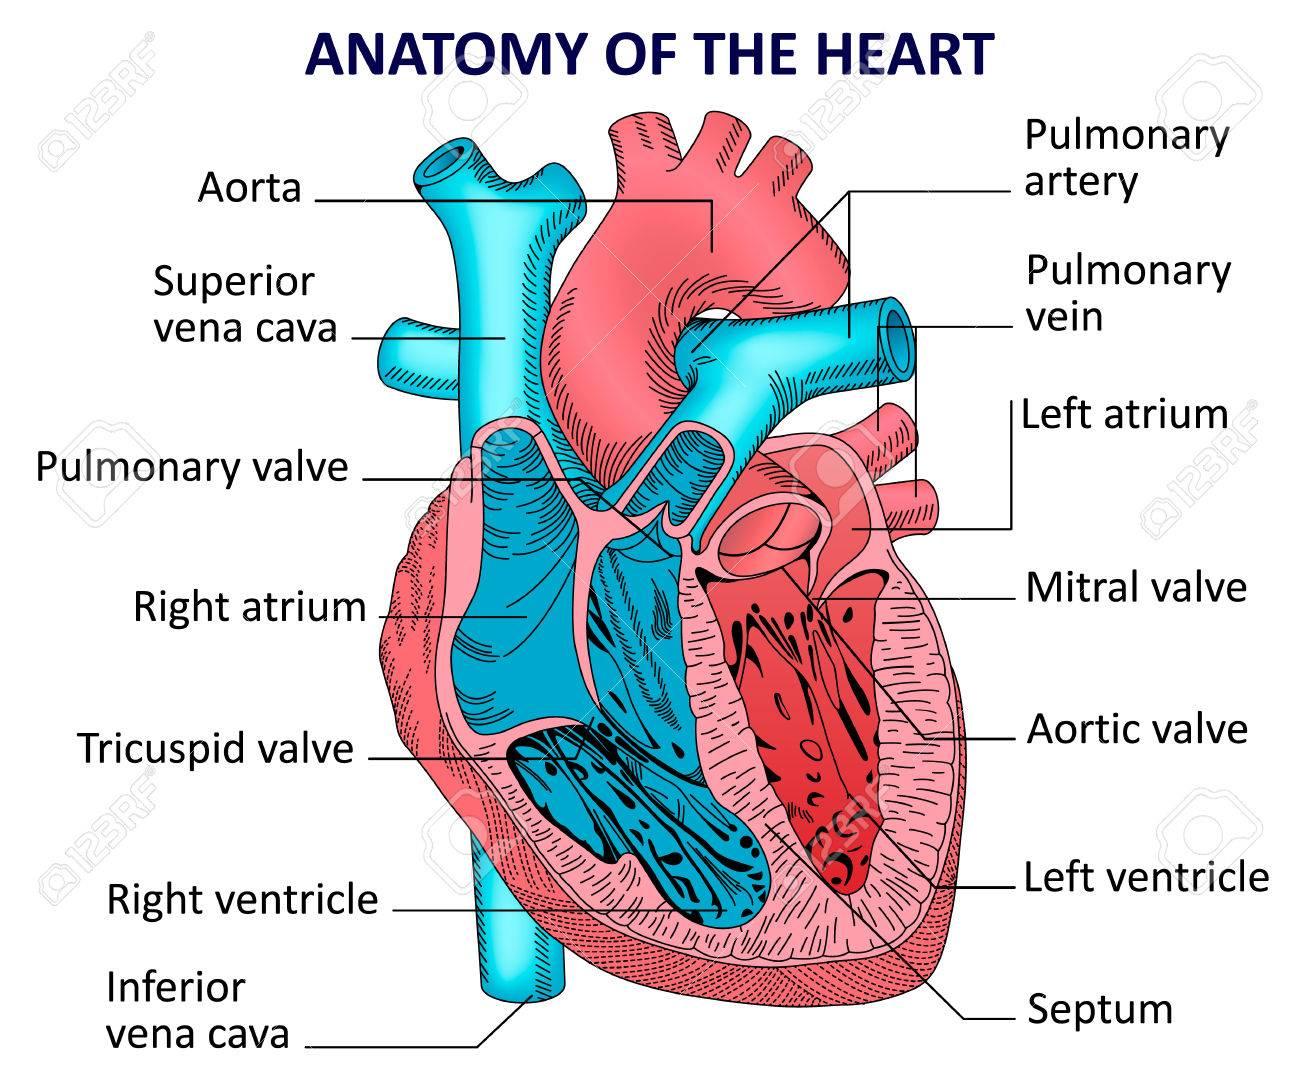 anatomical heart diagram corsa c handbrake cable human anatomy royalty free cliparts vectors and stock vector 60387733